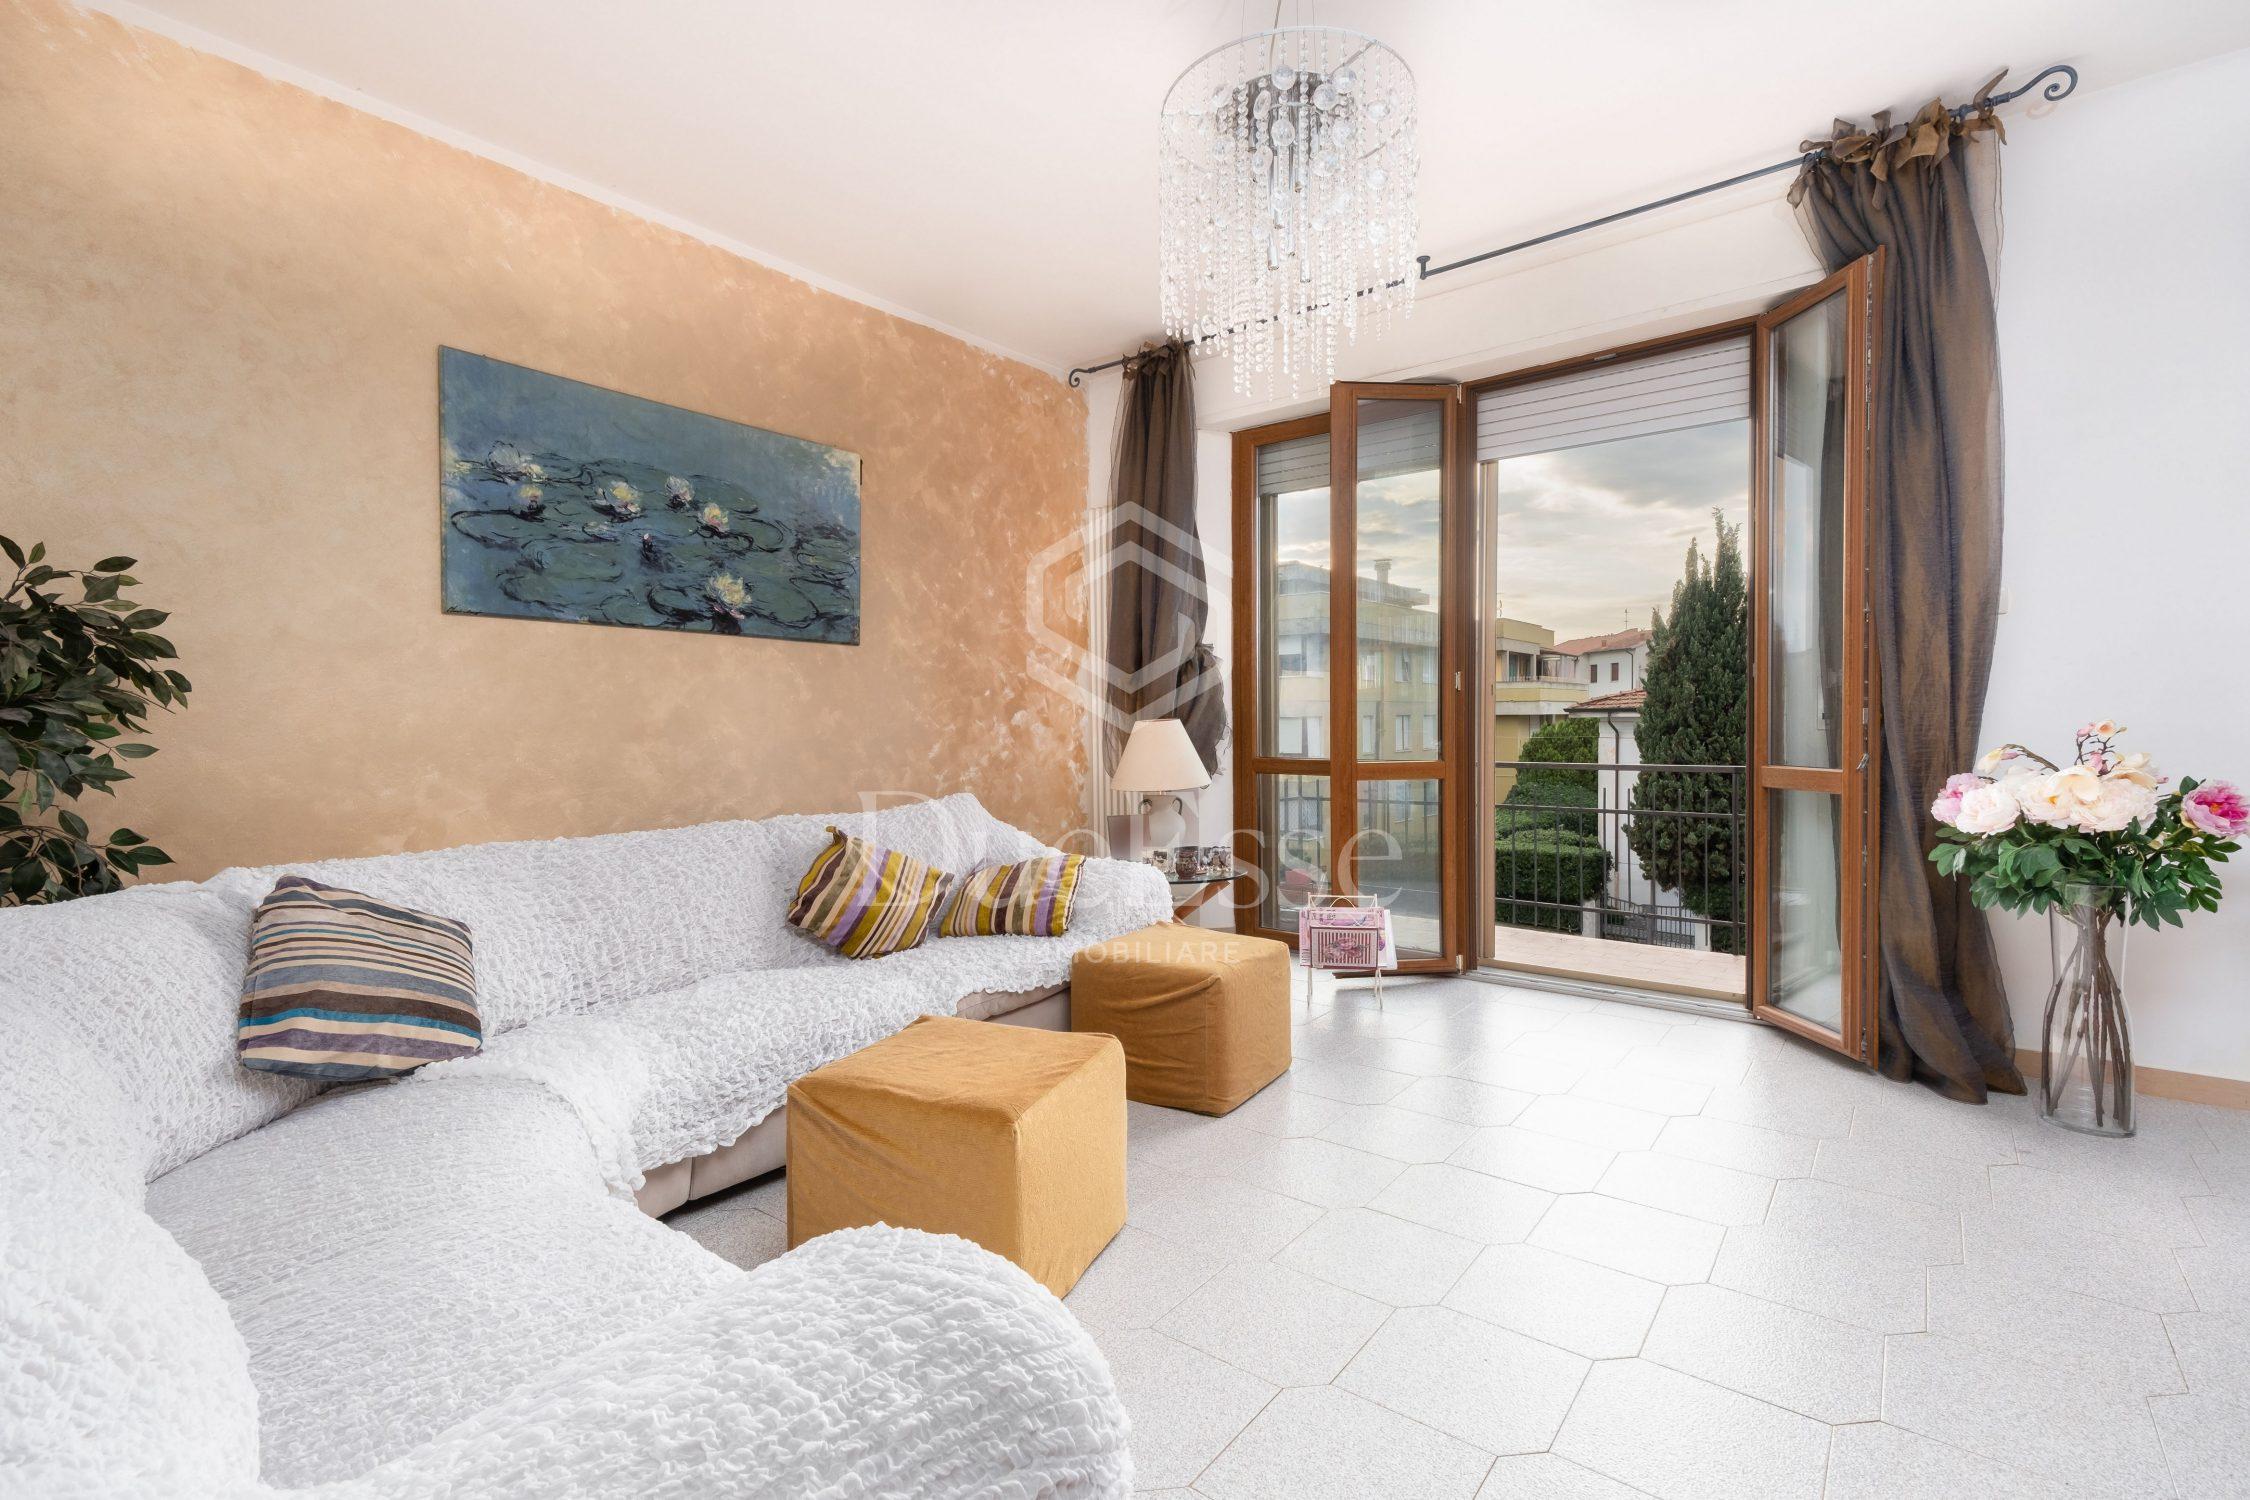 Appartamento in vendita a Porta a Lucca – La casa dei colori